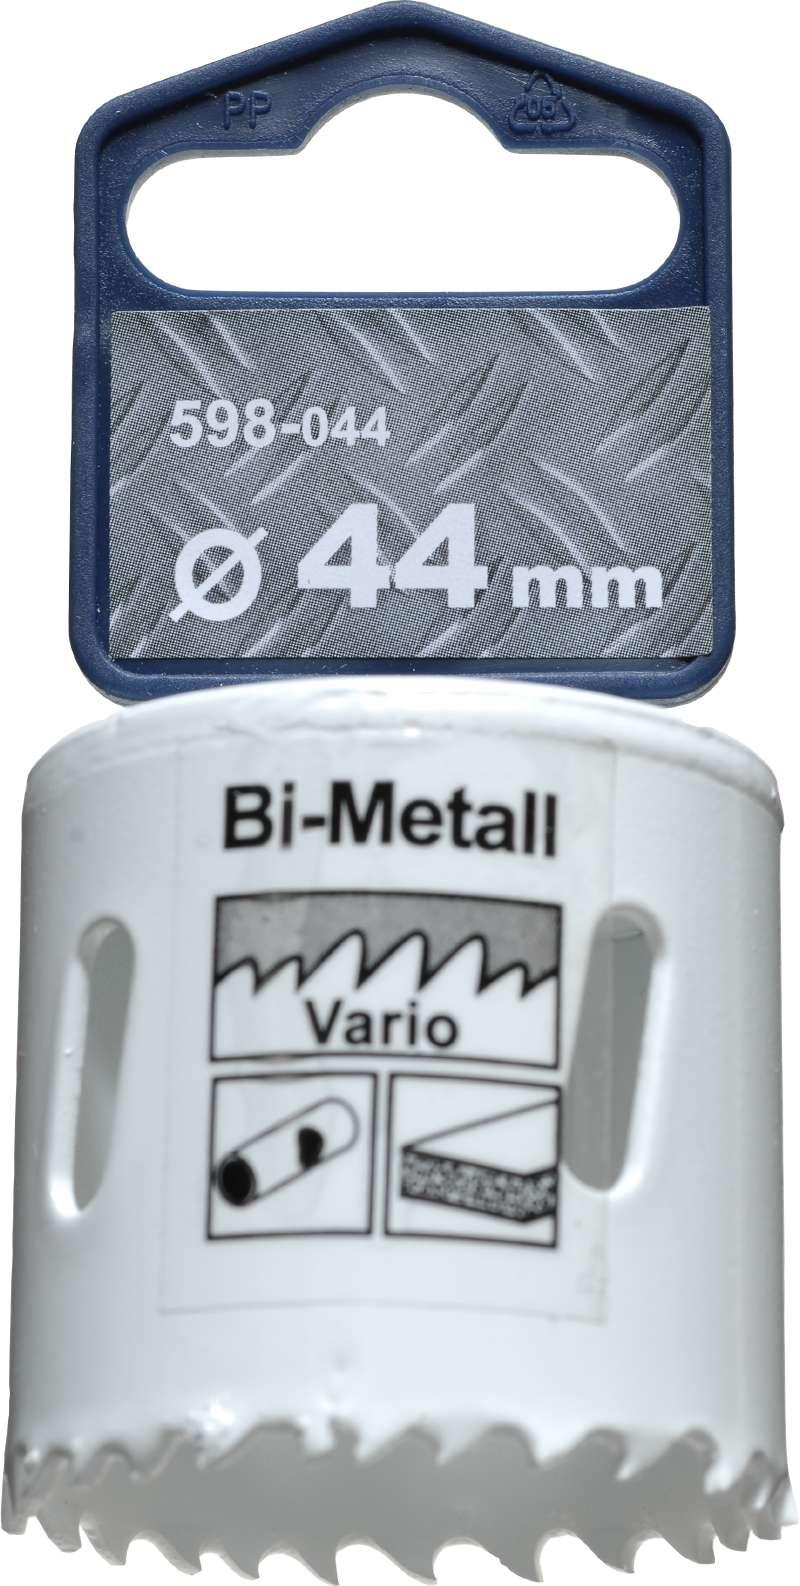 598-044, Коронка биметаллическая